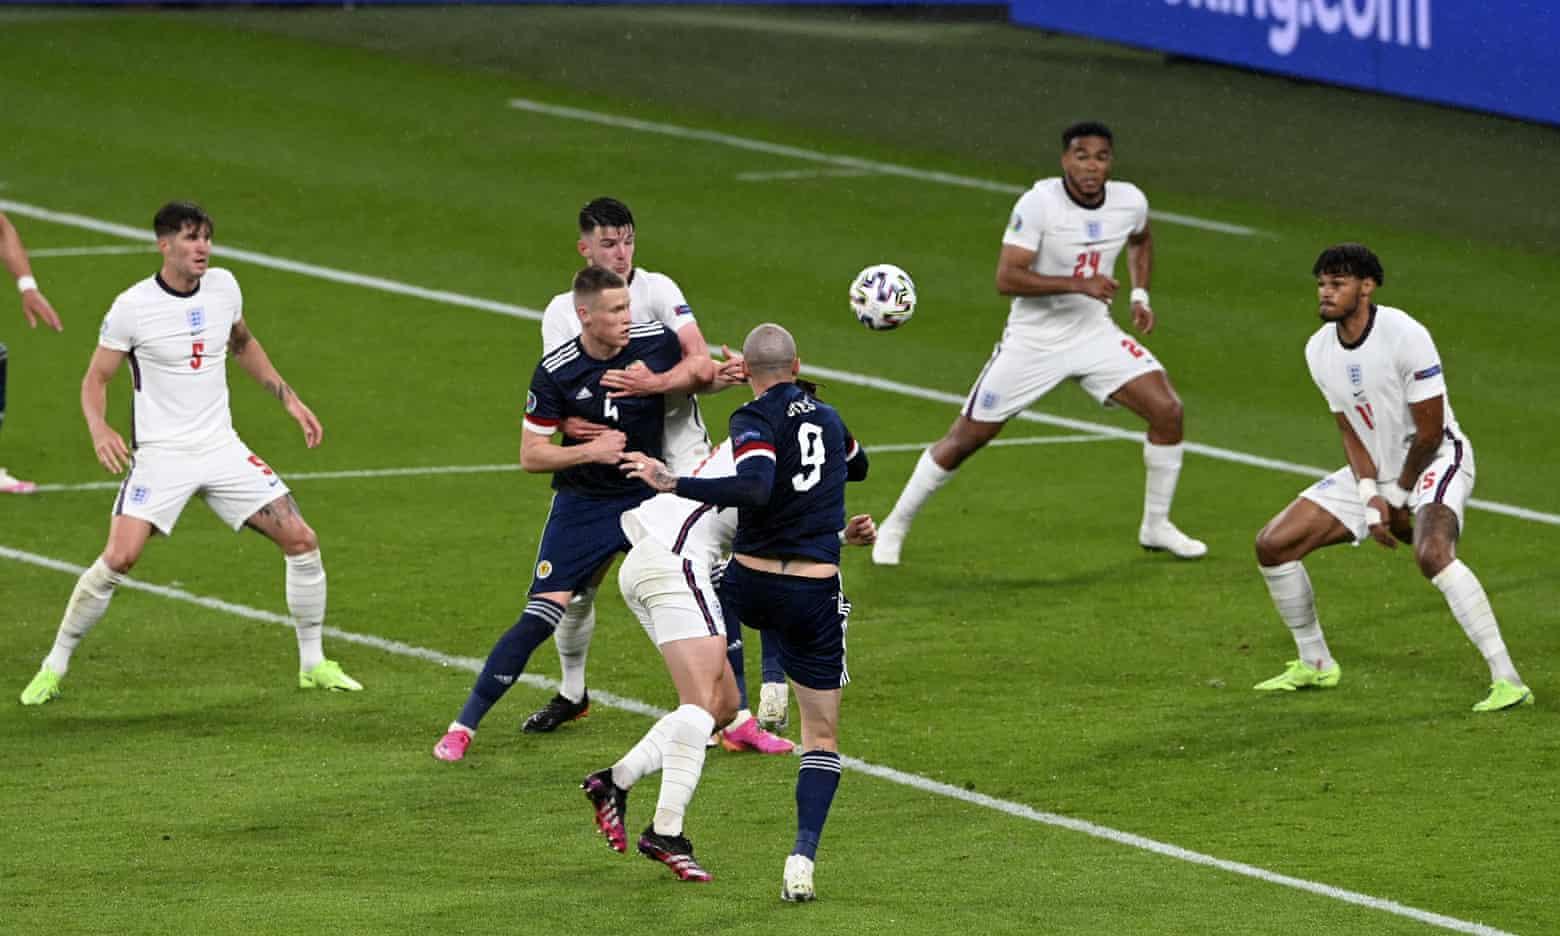 Tuyển Anh, trong mắt Mourinho, sợ thua hơn là muốn chiến thắng trước Scotland. Ảnh: AP